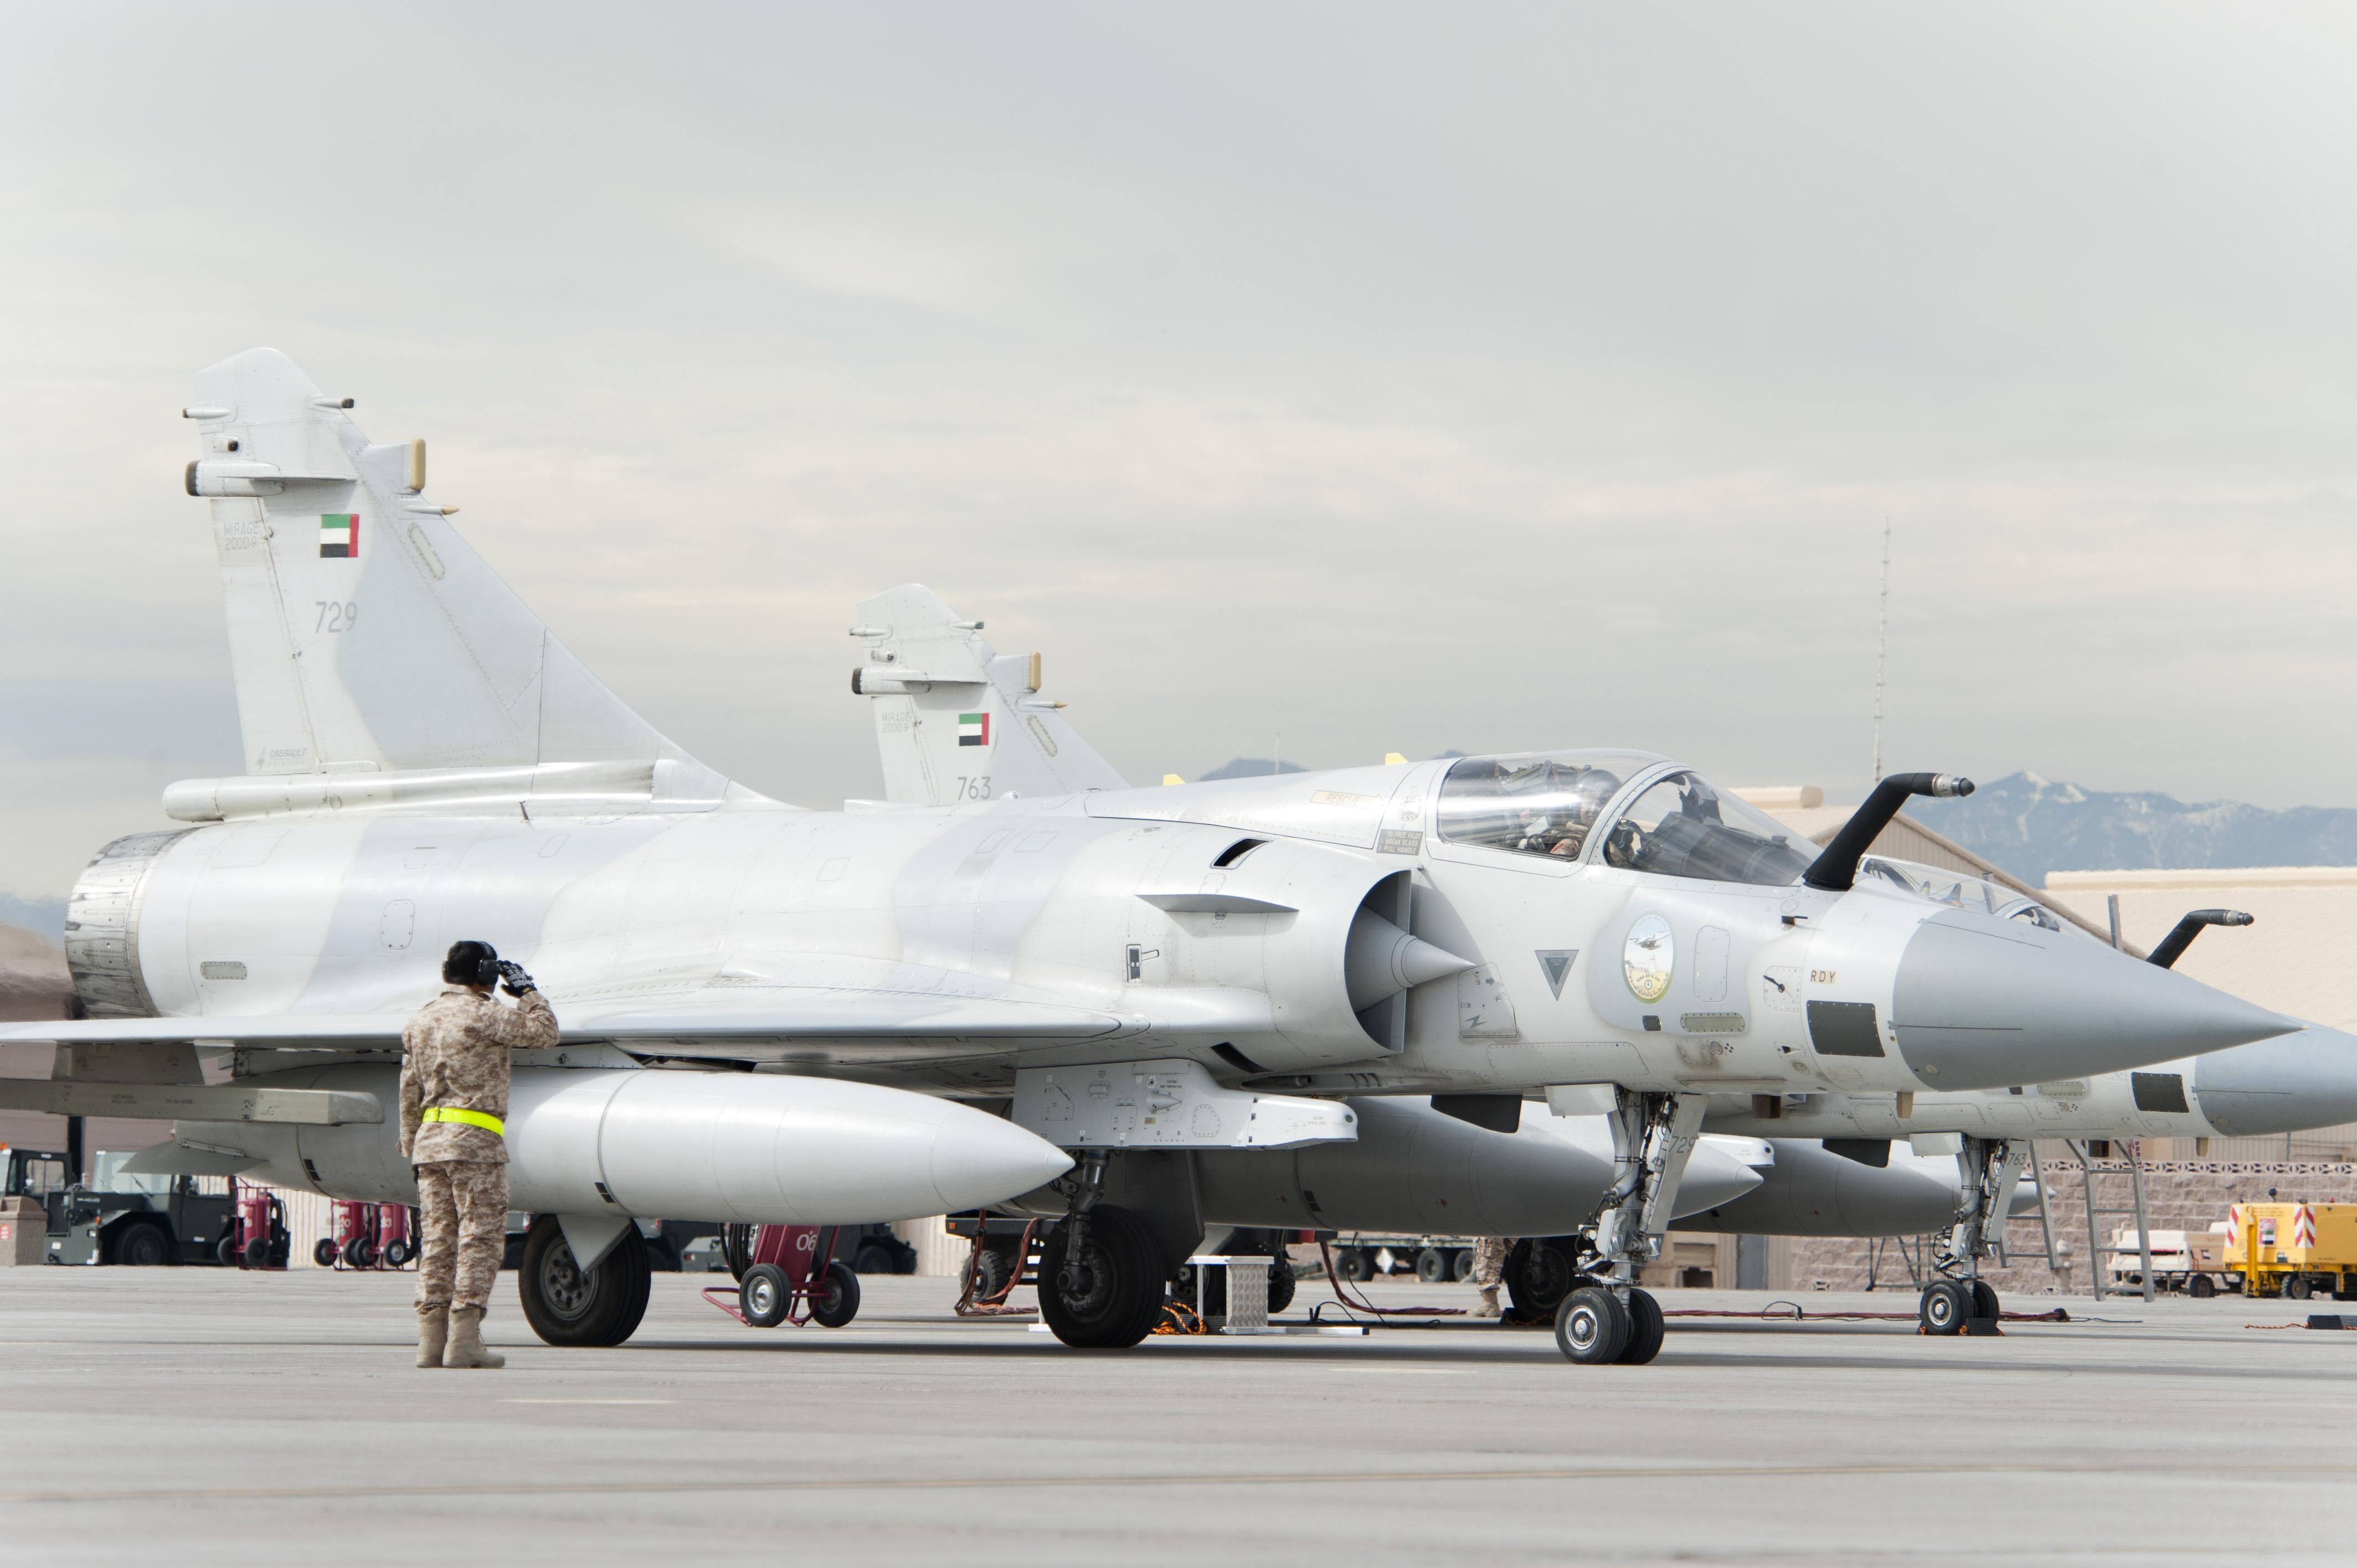 """Истребители Dassault Mirage 2000-9RAD ВВС ОАЭ во время многонациональных учений """"Red Flag"""" на авиабазе Неллис (США), 23.01.2013."""